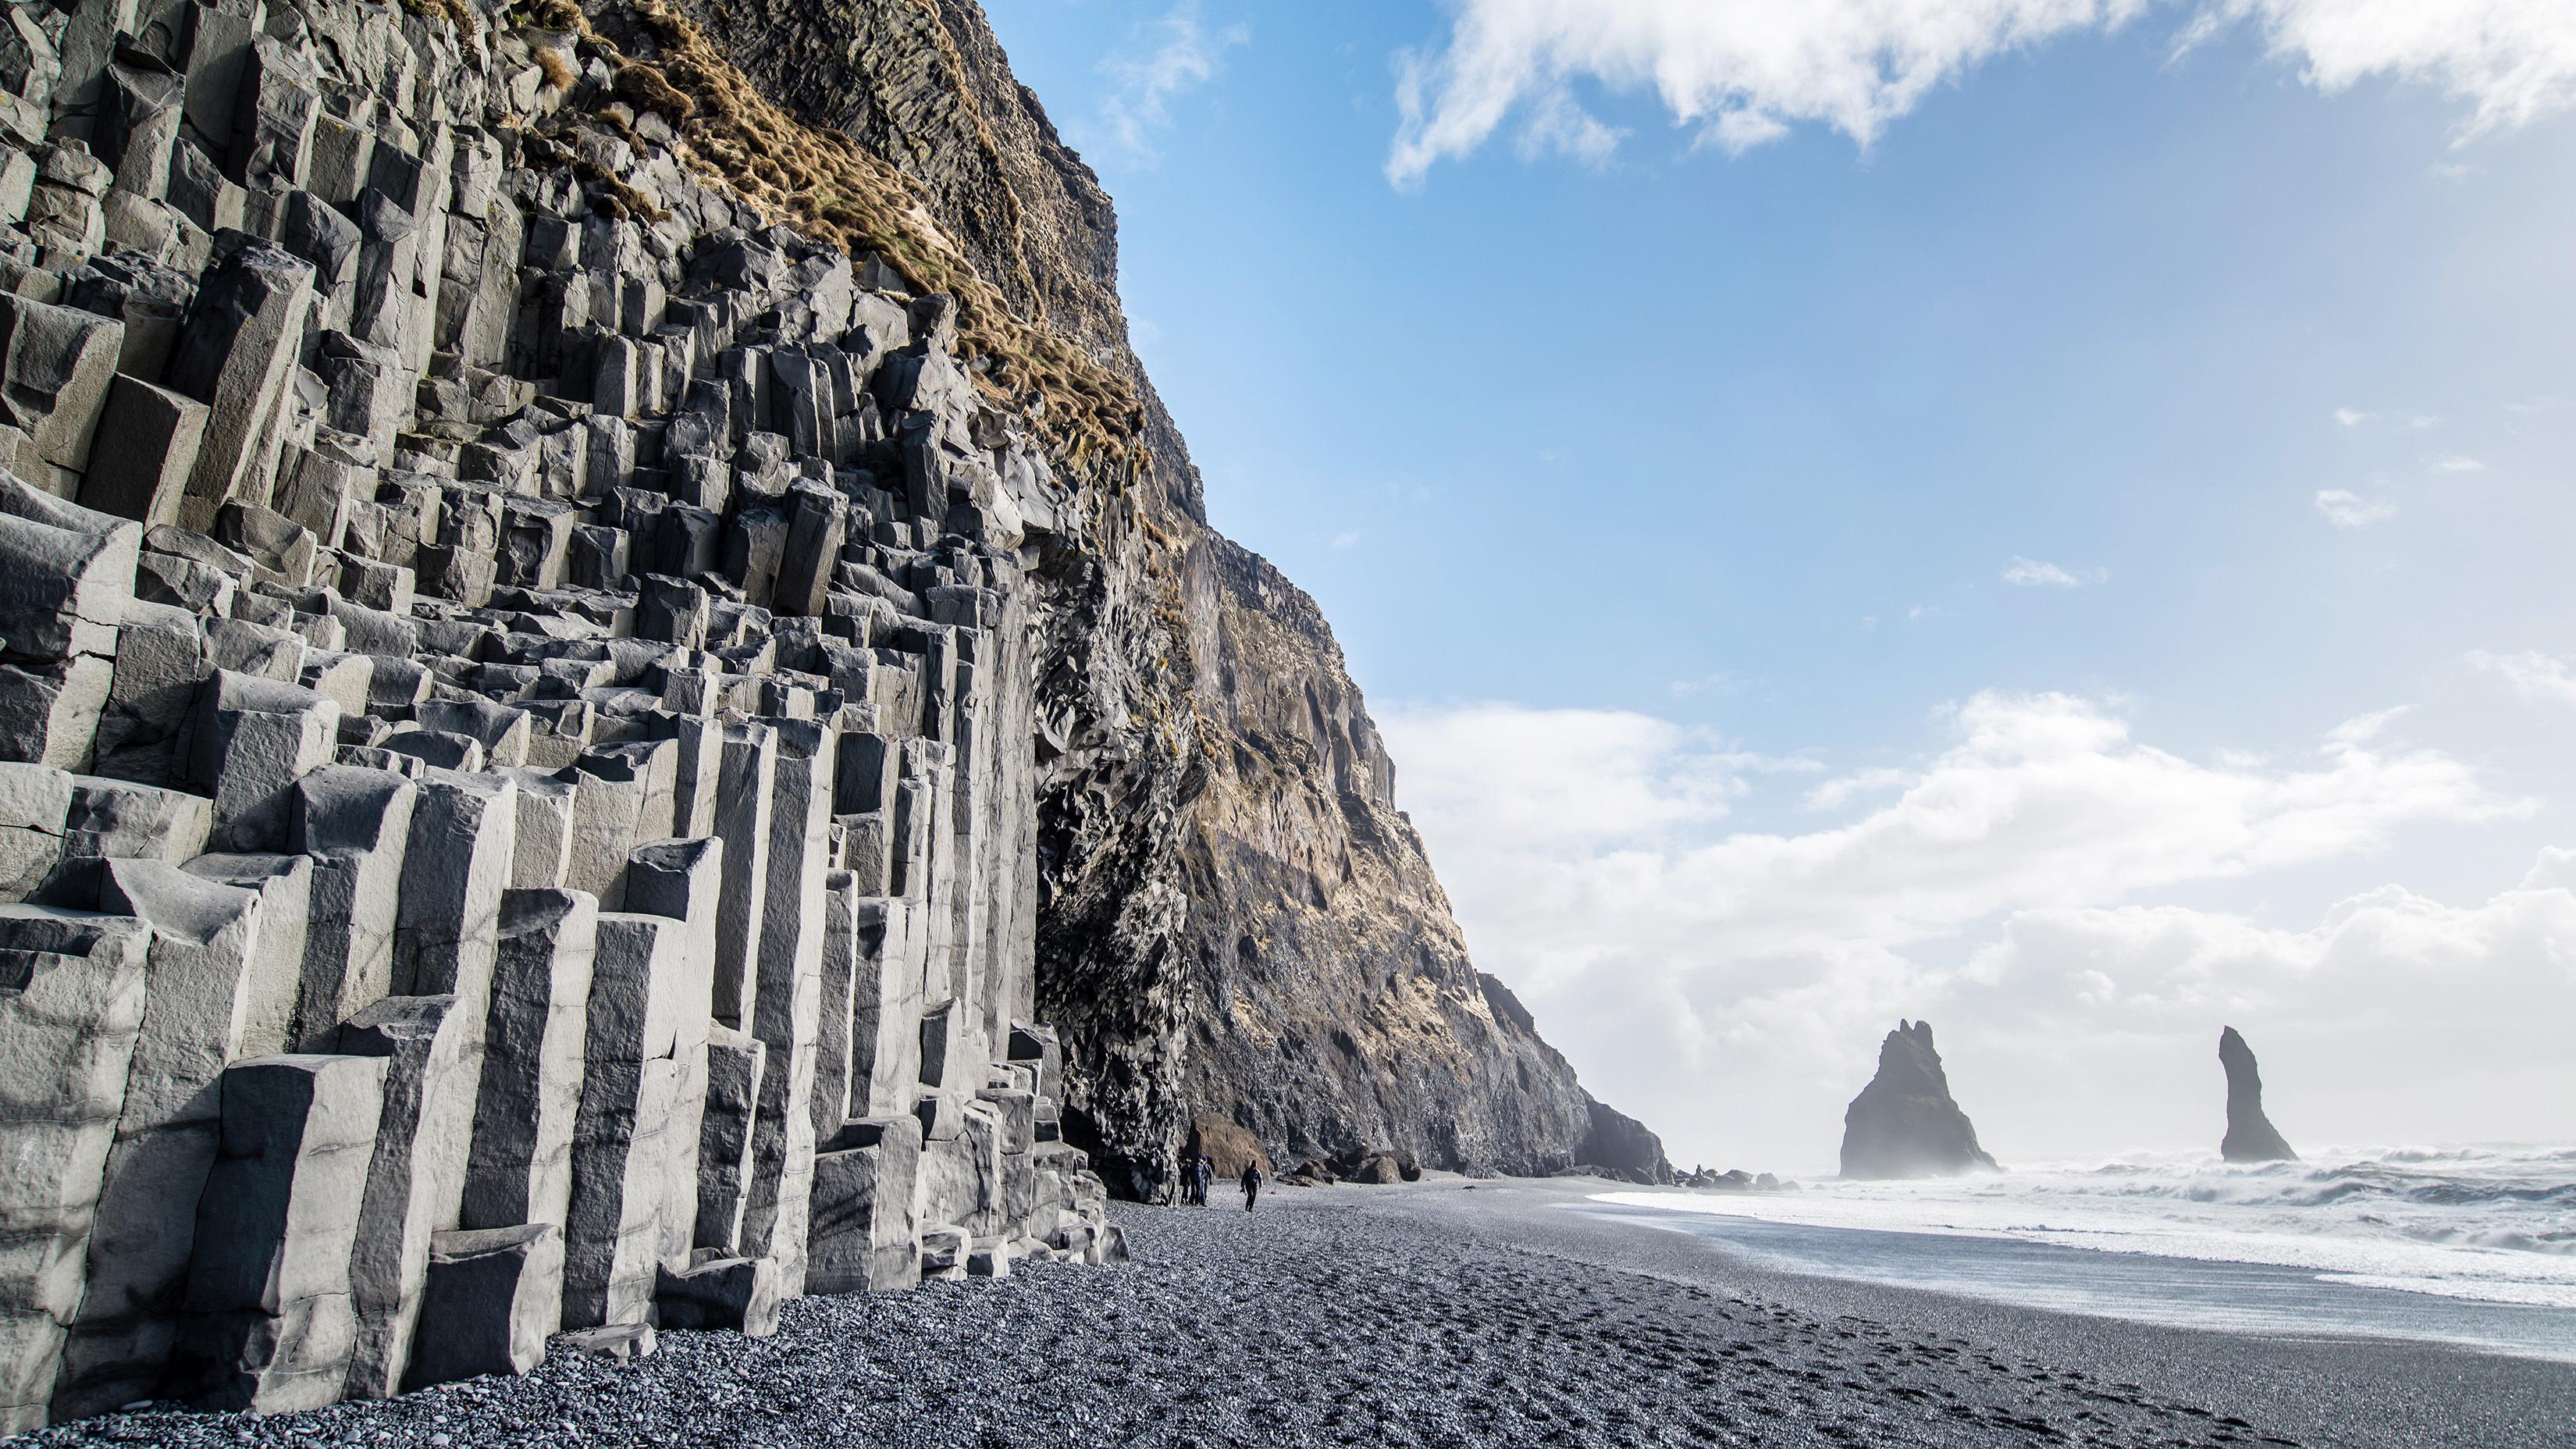 Wybierz się na wycieczkę przez południowe wybrzeże Islandii, startującą z Reykjaviku.